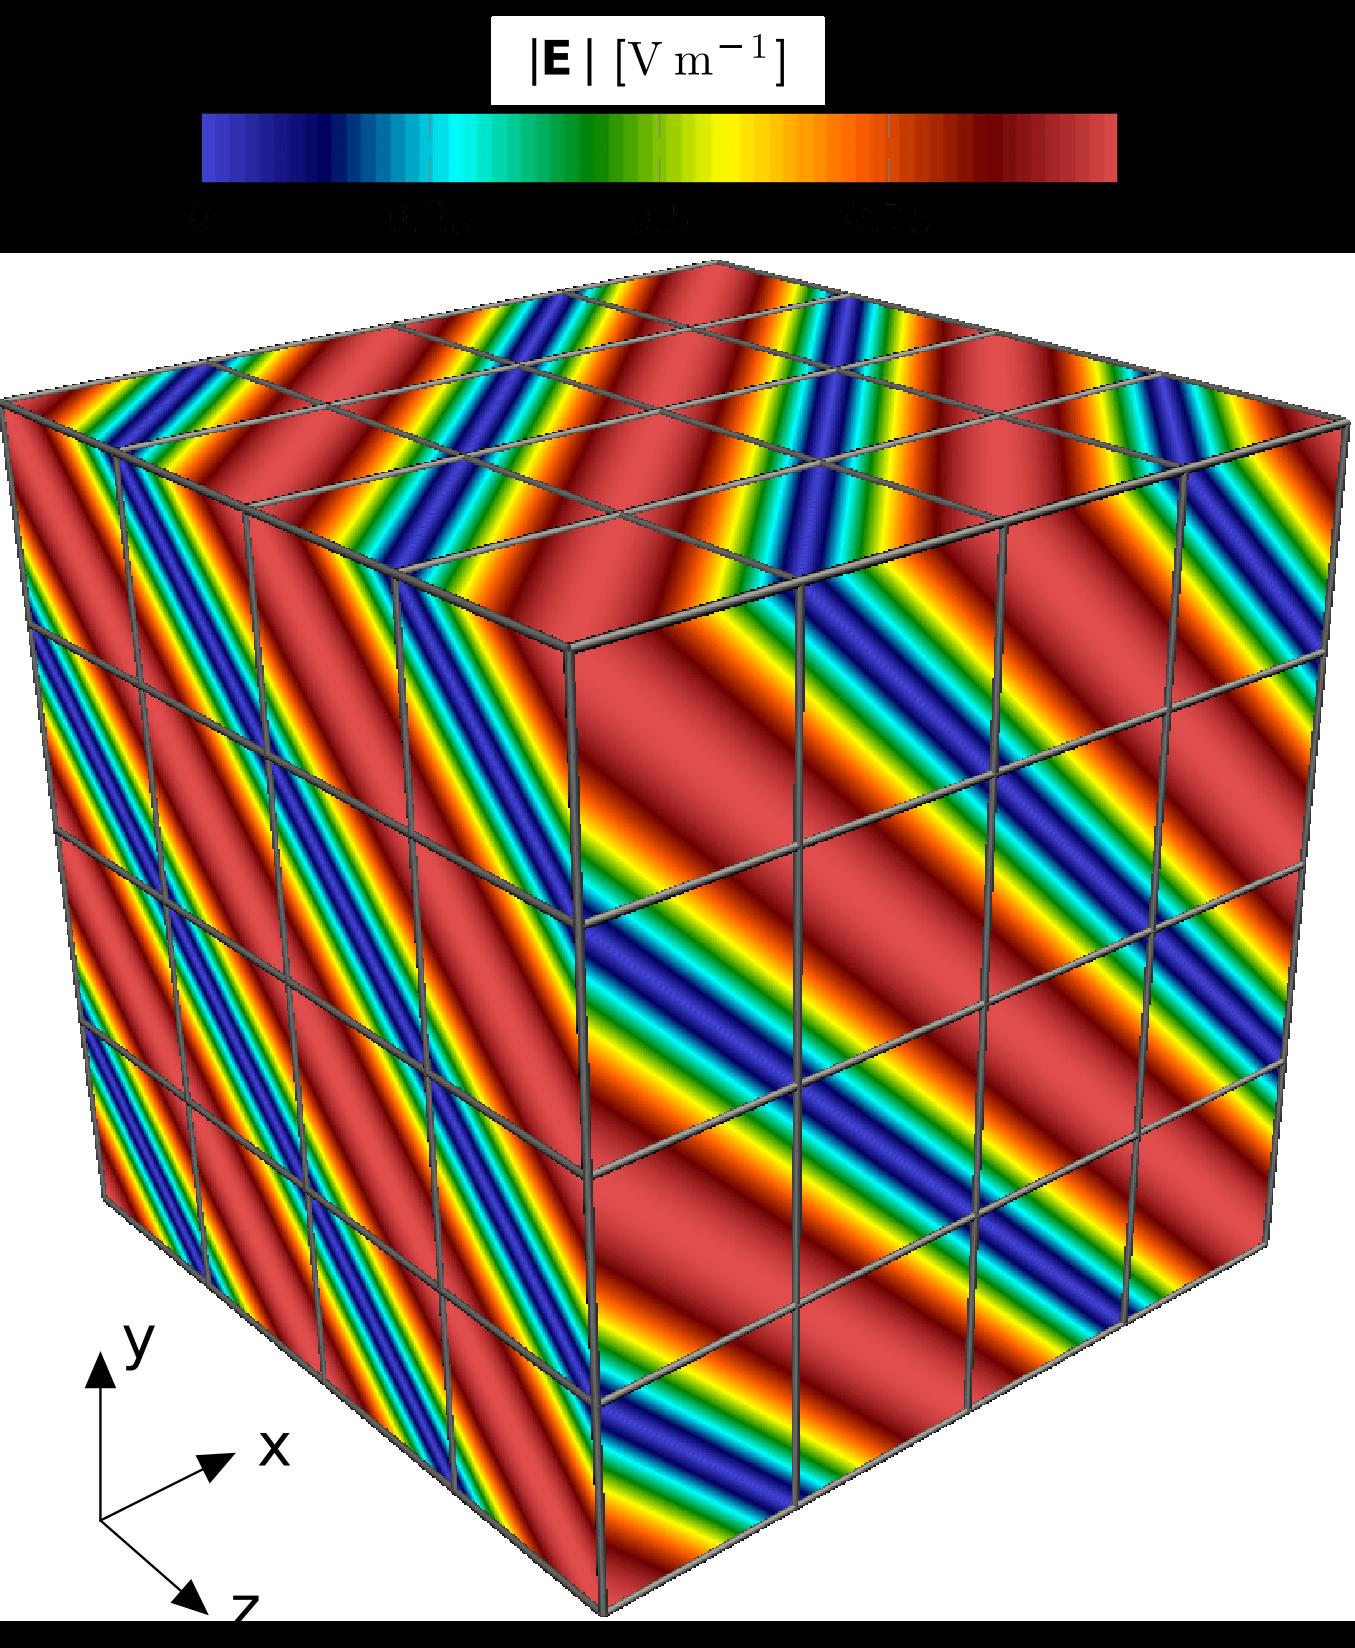 Ausbreitung einer elektromagnetischen ebene Welle.